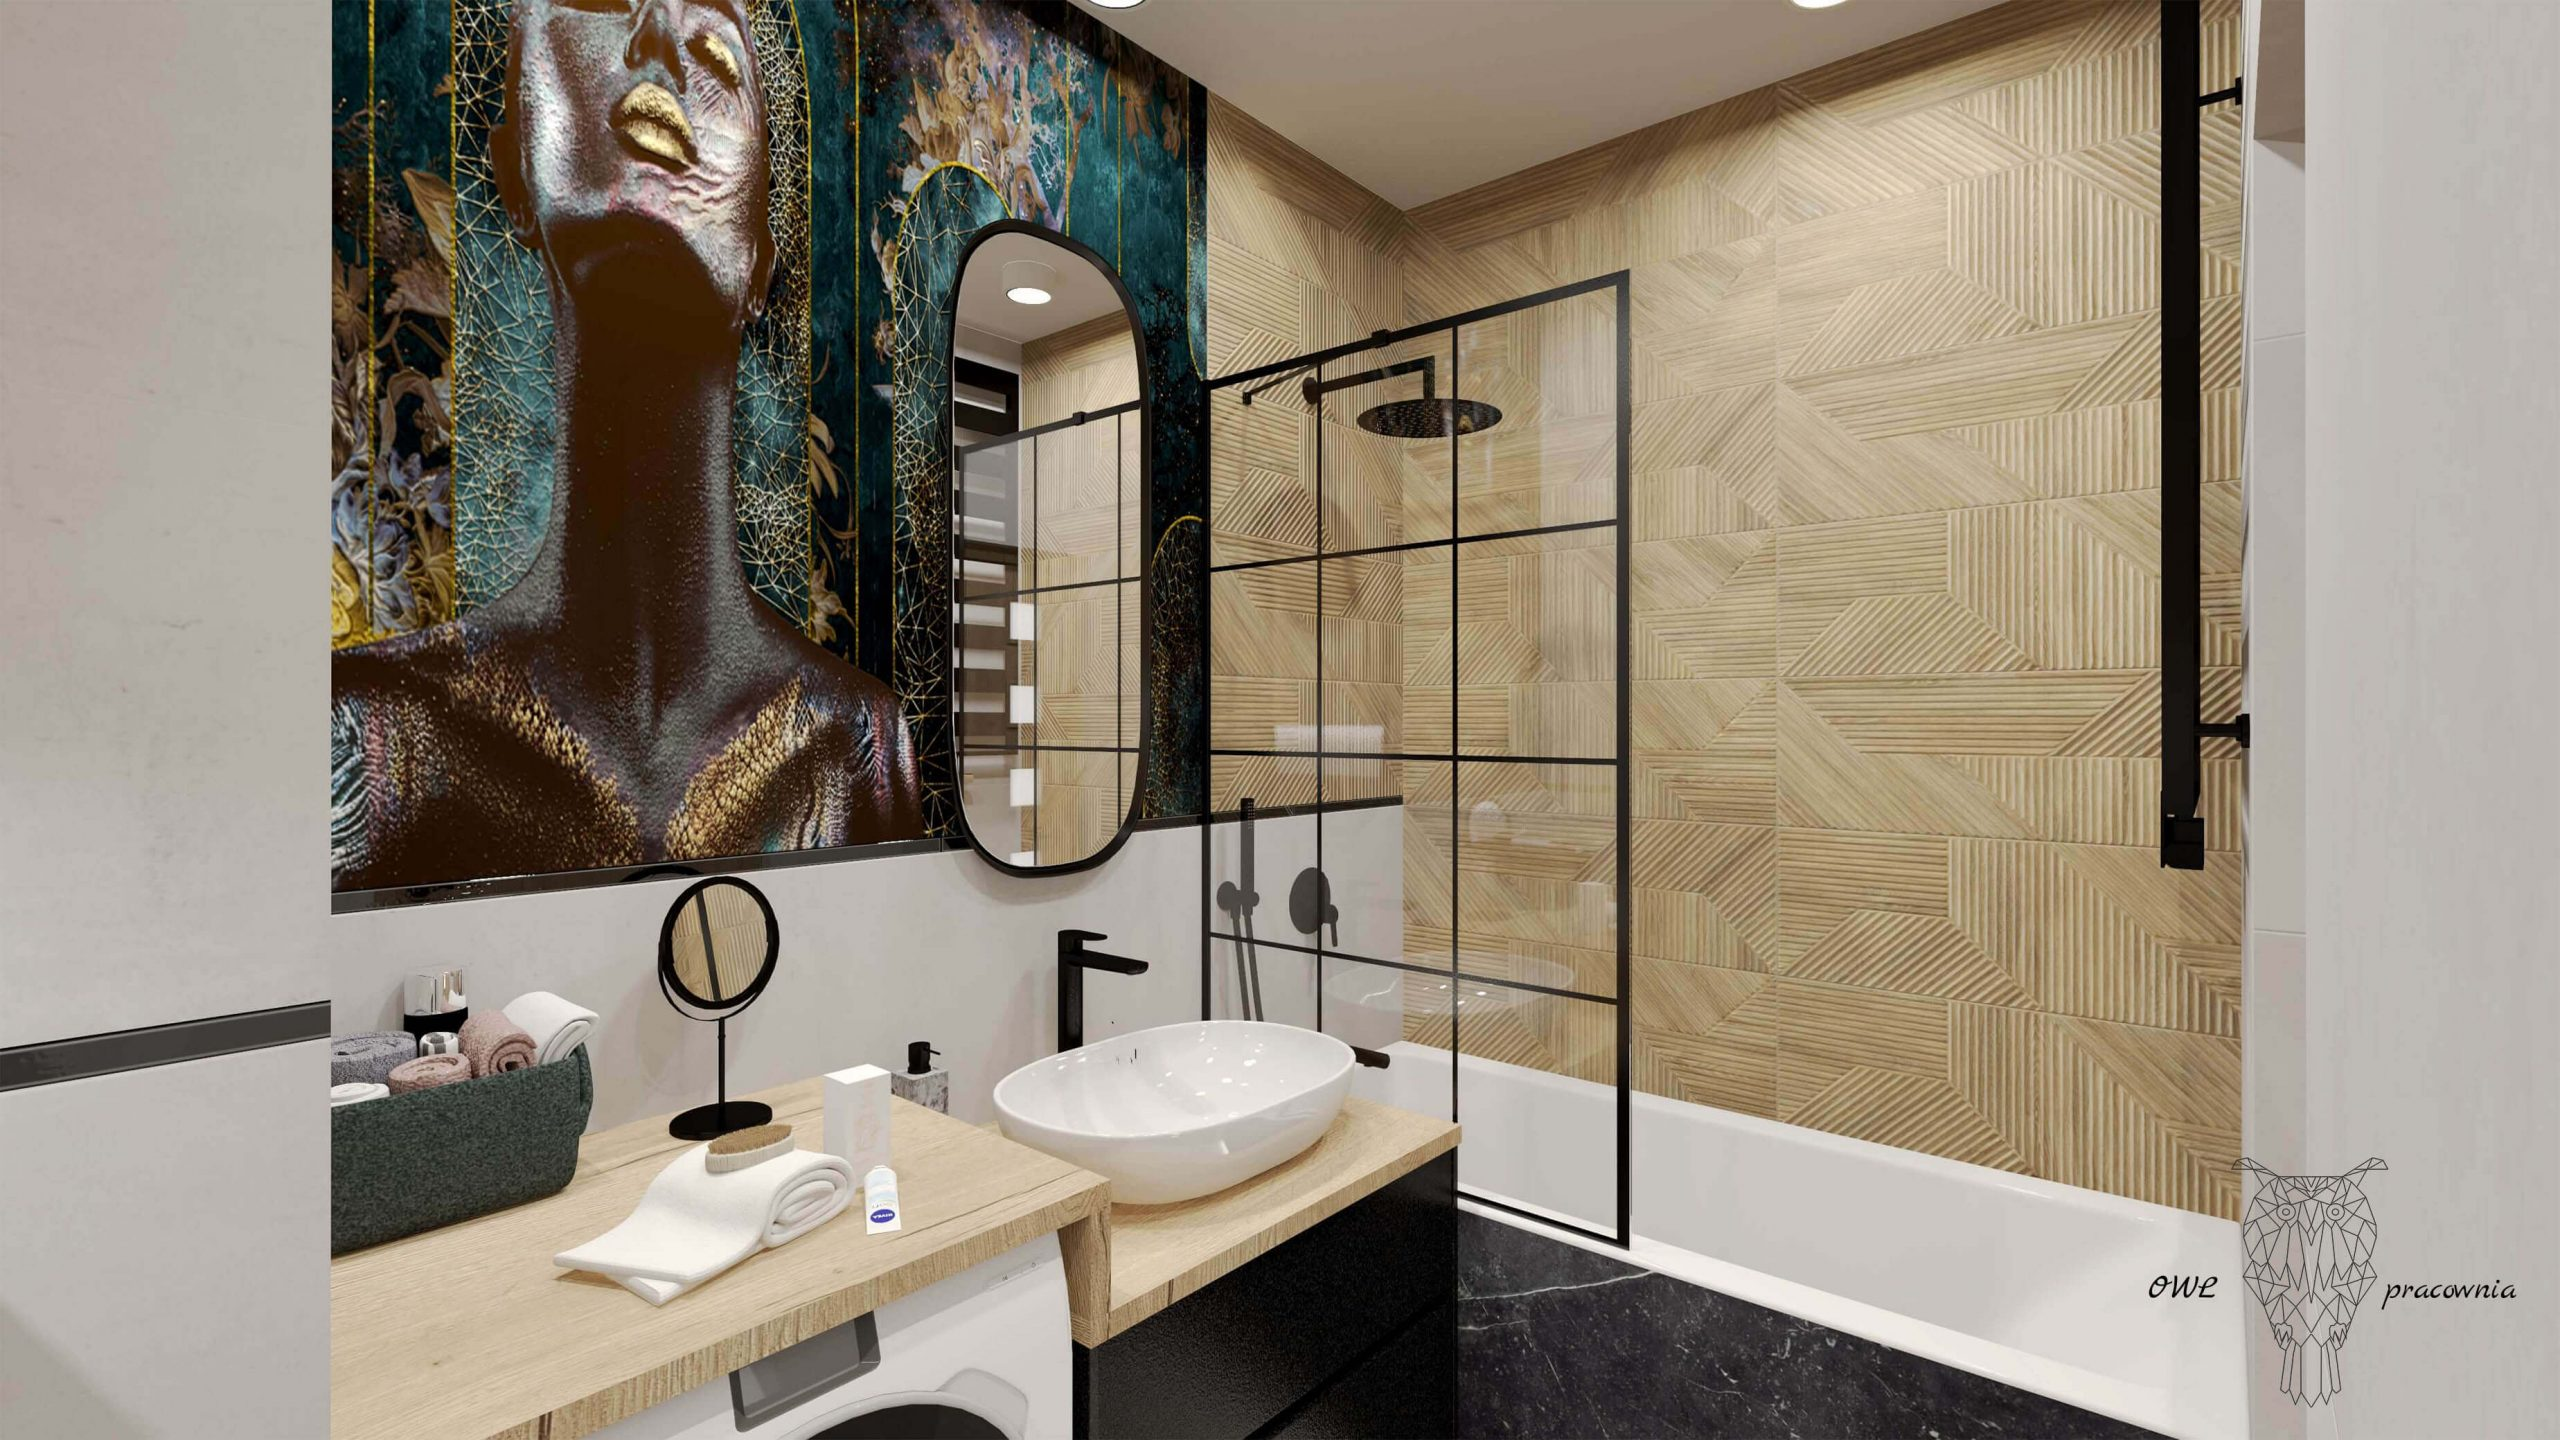 Odważna nowoczesna mała łazienka OWLpracownia